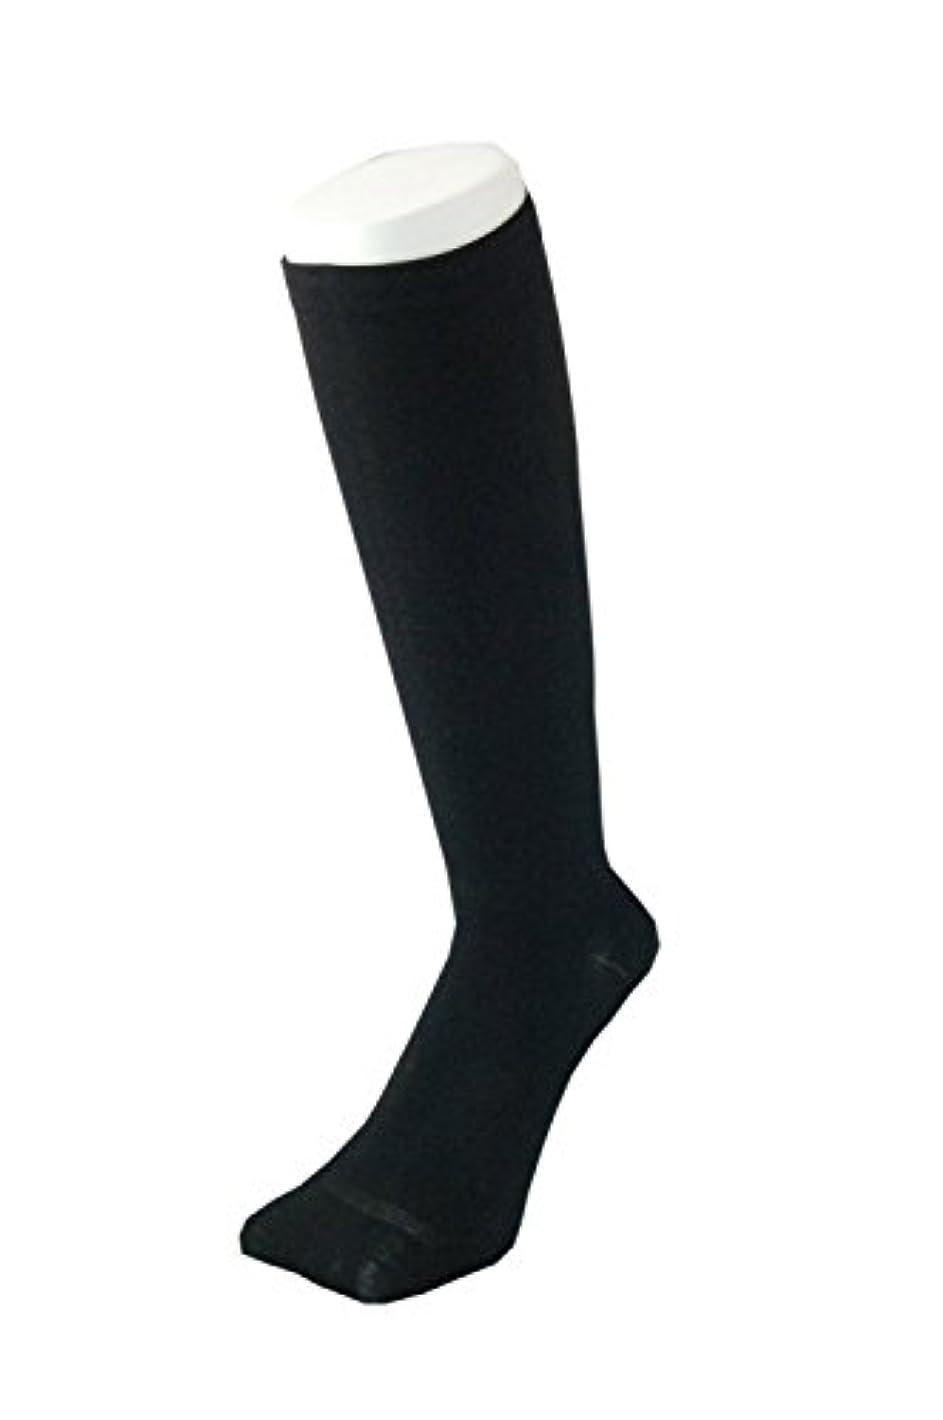 ハウス種をまく分泌するPAX-ASIAN 紳士?メンズ 着圧靴下 (25~27cm ) ムクミ解消 締め付け サポート 抗菌 ソックス 黒色?ブラック 3足組